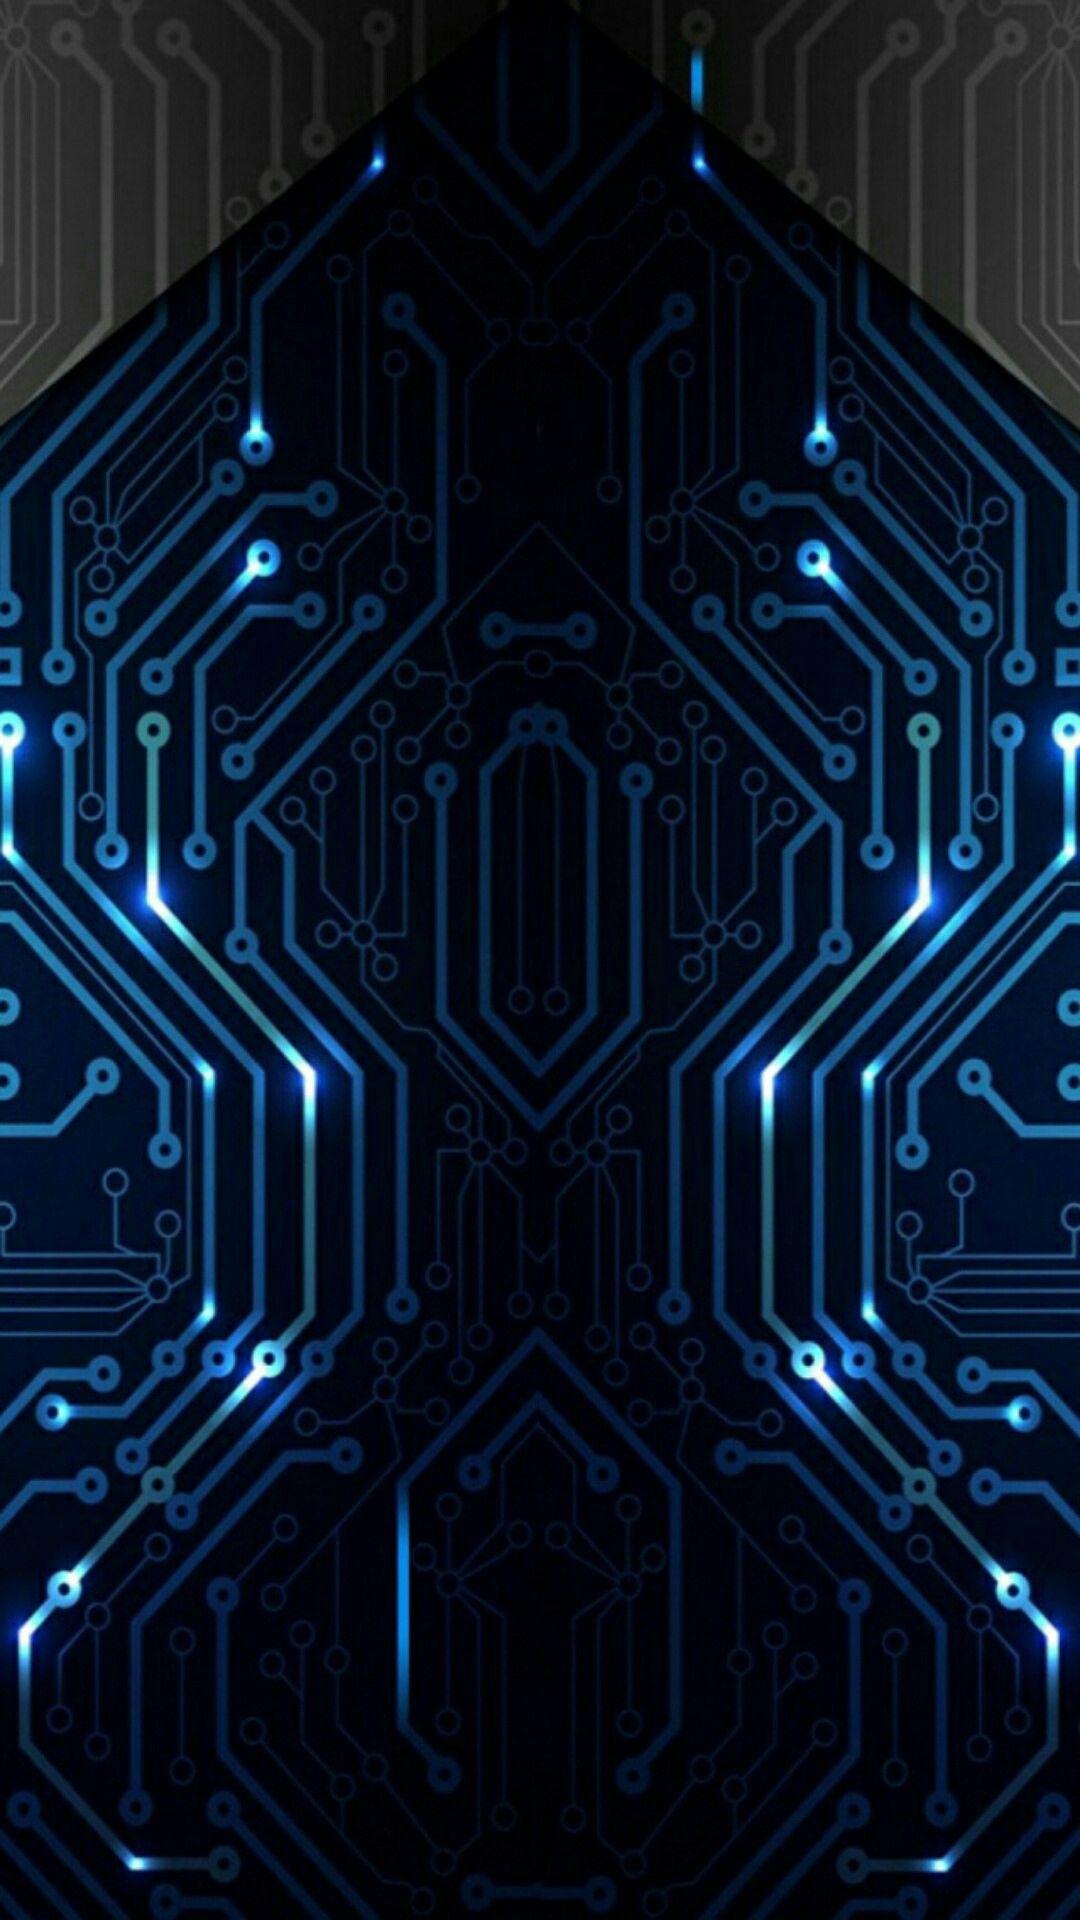 Pin Oleh Lynn Hays Di T E C H Rangkaian Elektronik Kertas Dinding Abstrak